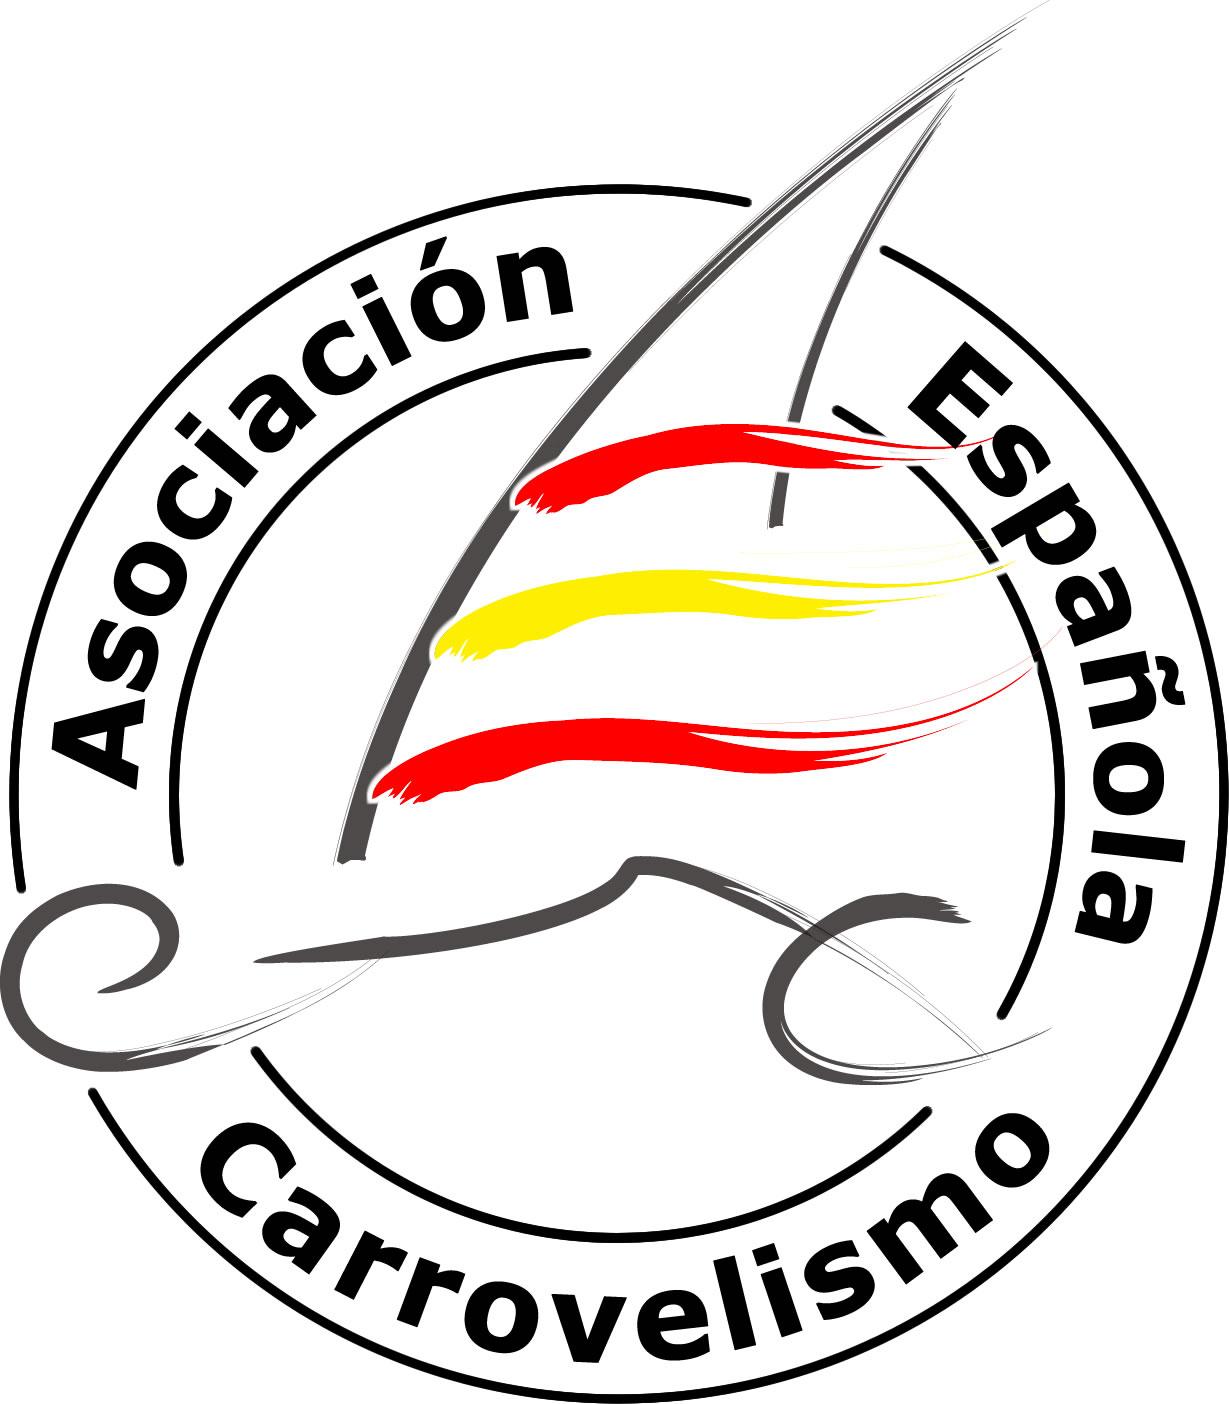 Asociación Española de Carrovelismo